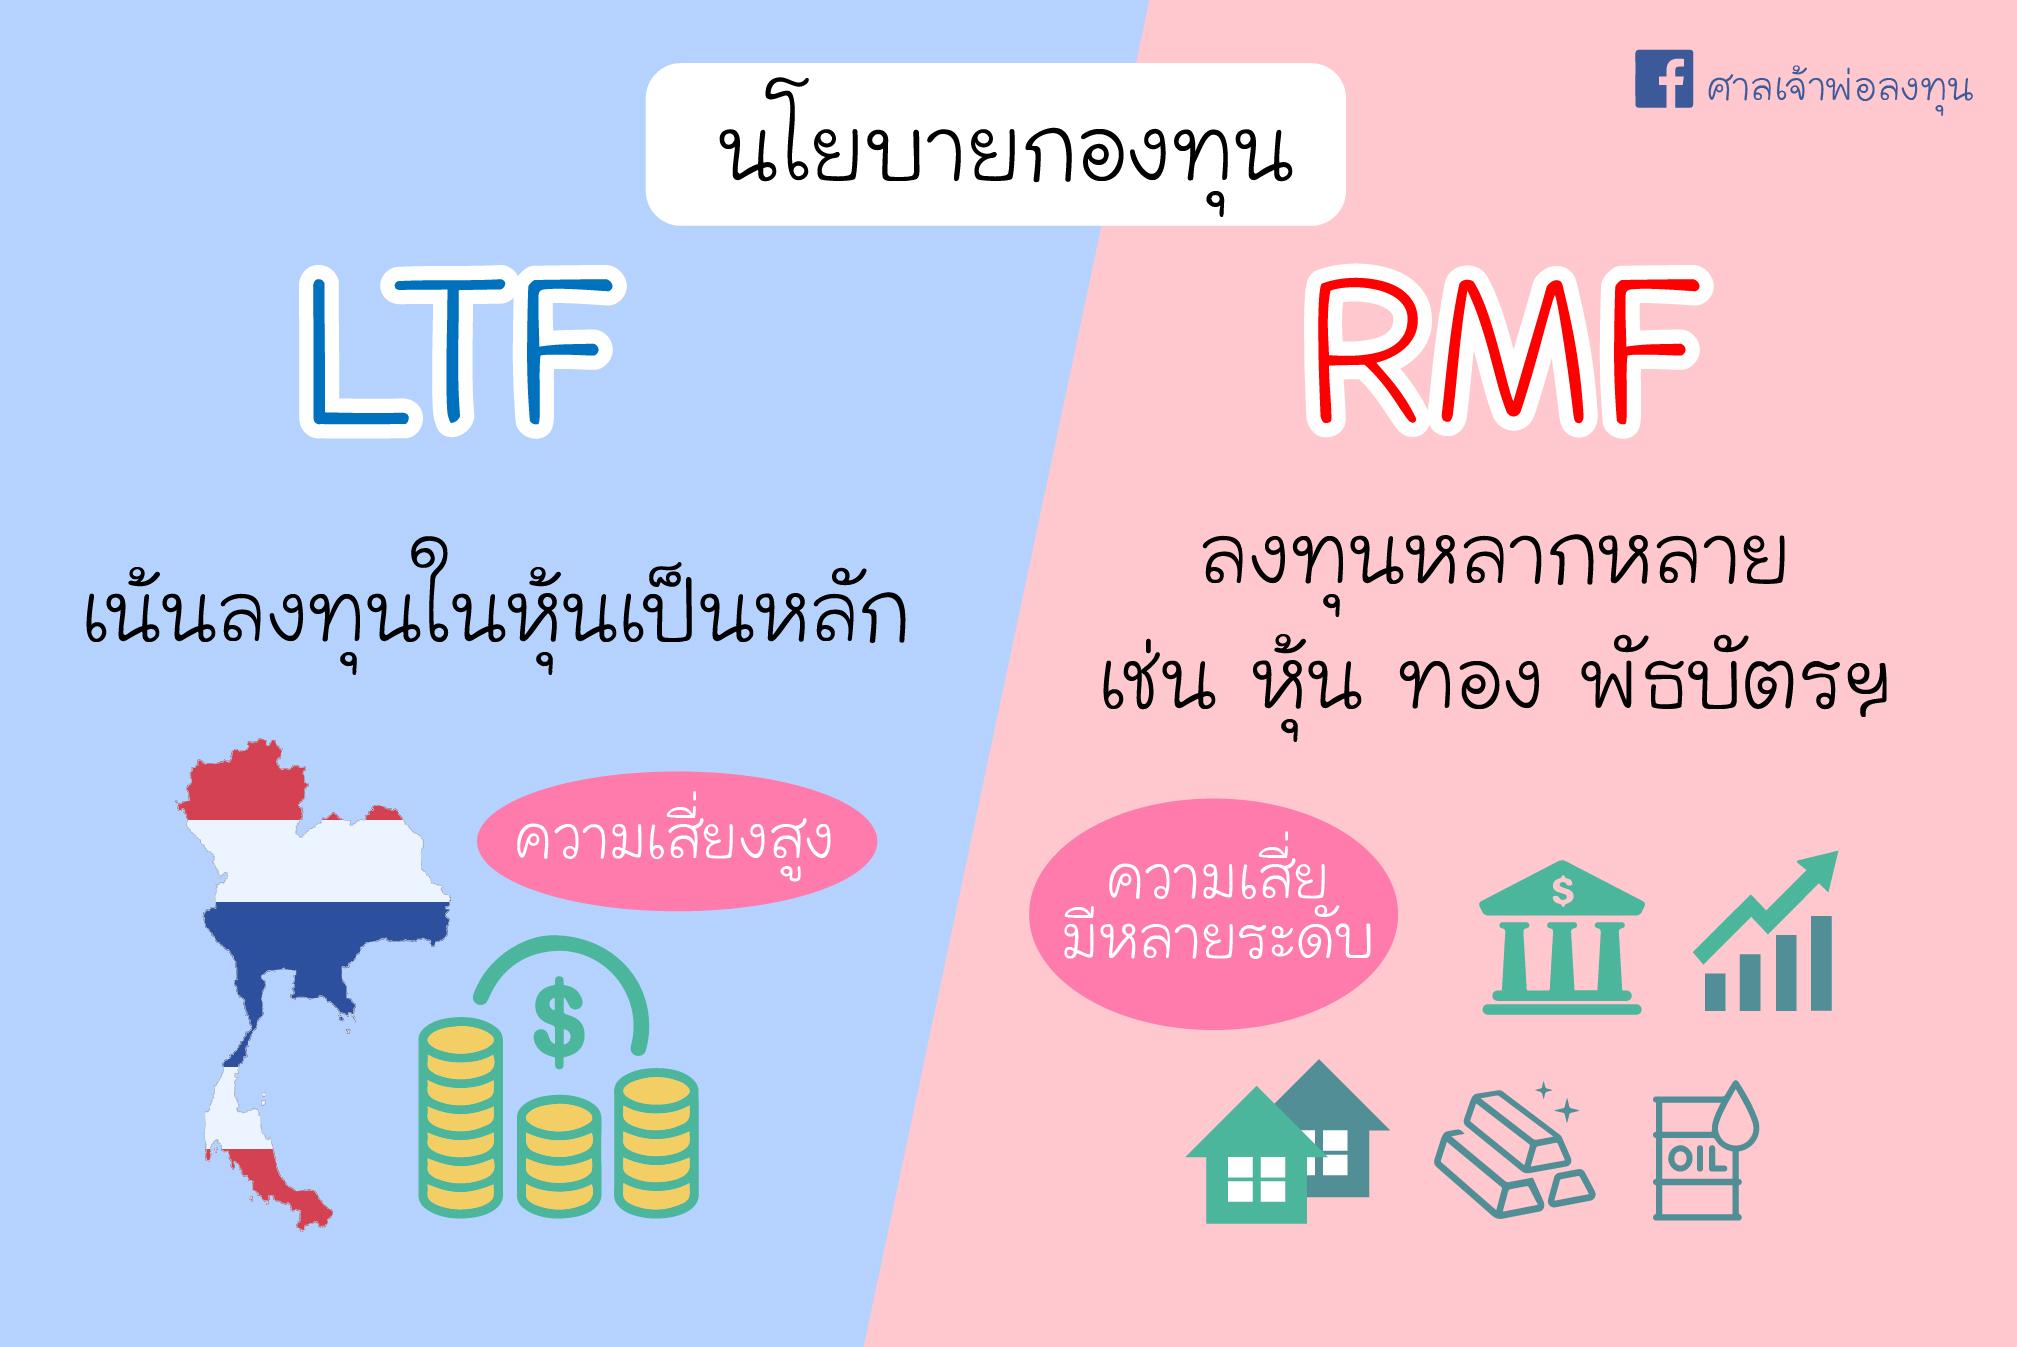 ศาลเจ้าพ่อลงทุน - LTF vs RMF-03